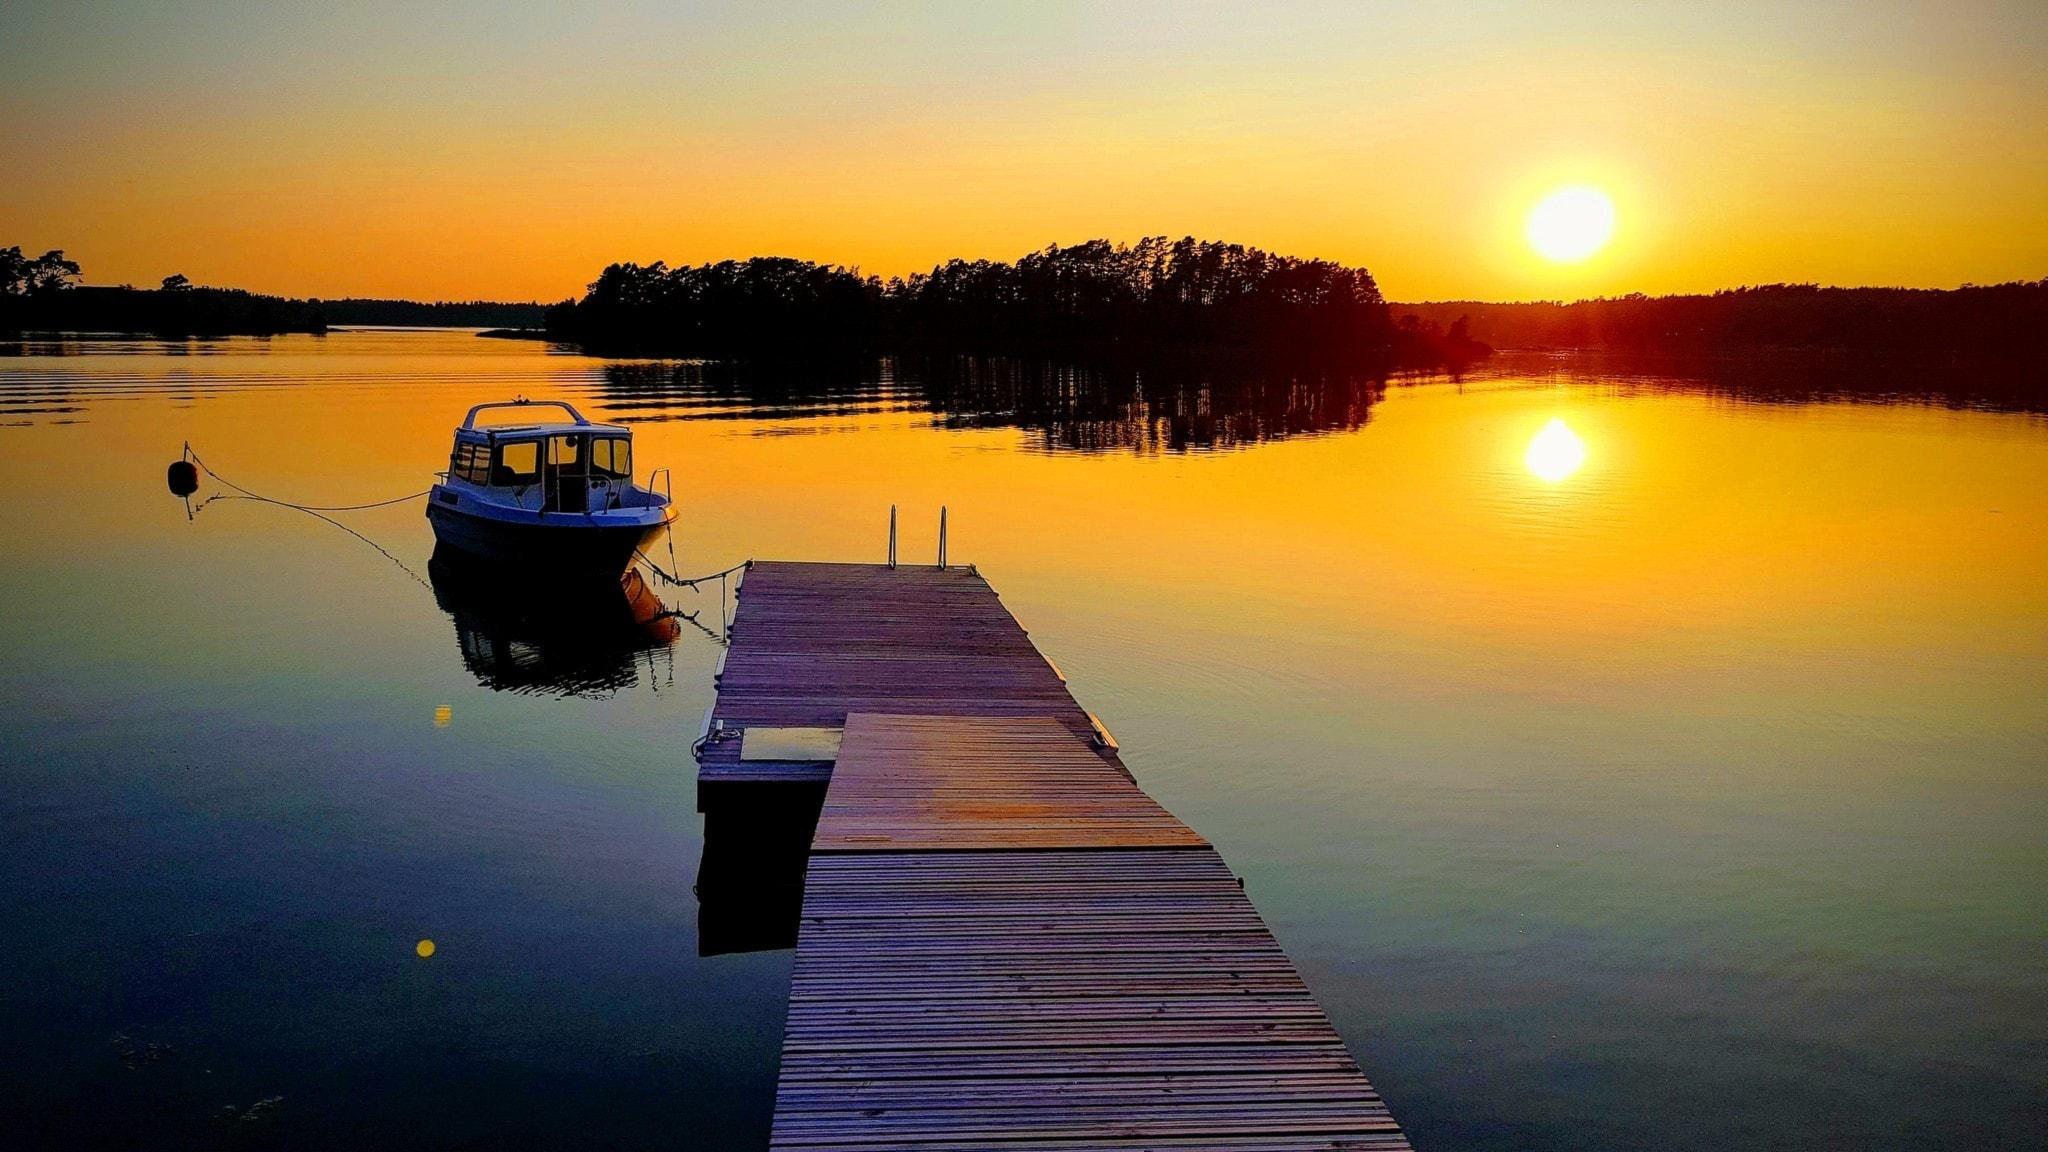 En brygga med en angjord båt i den finska skärgården där solen är på väg ner i horisonten en sen julikväll.